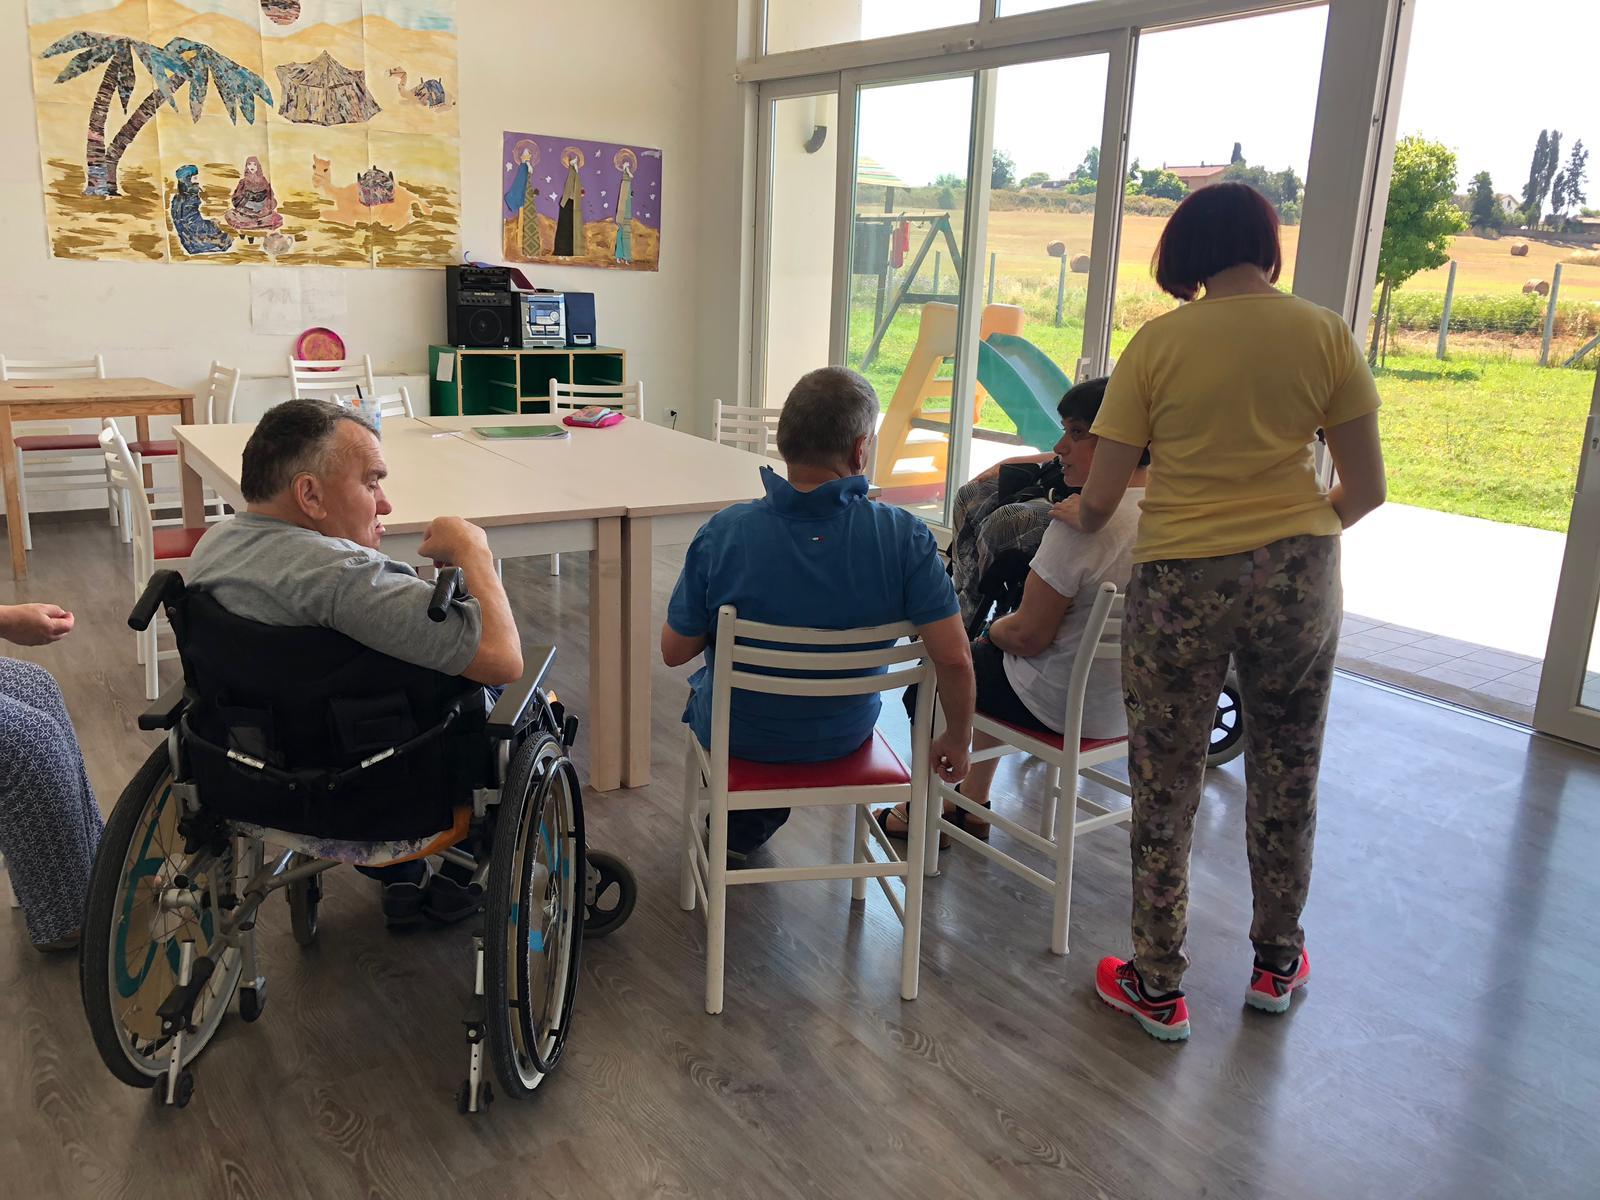 Anguillara: sul taglio servizio ai disabili gravi avviato confronto tra genitori e giunta